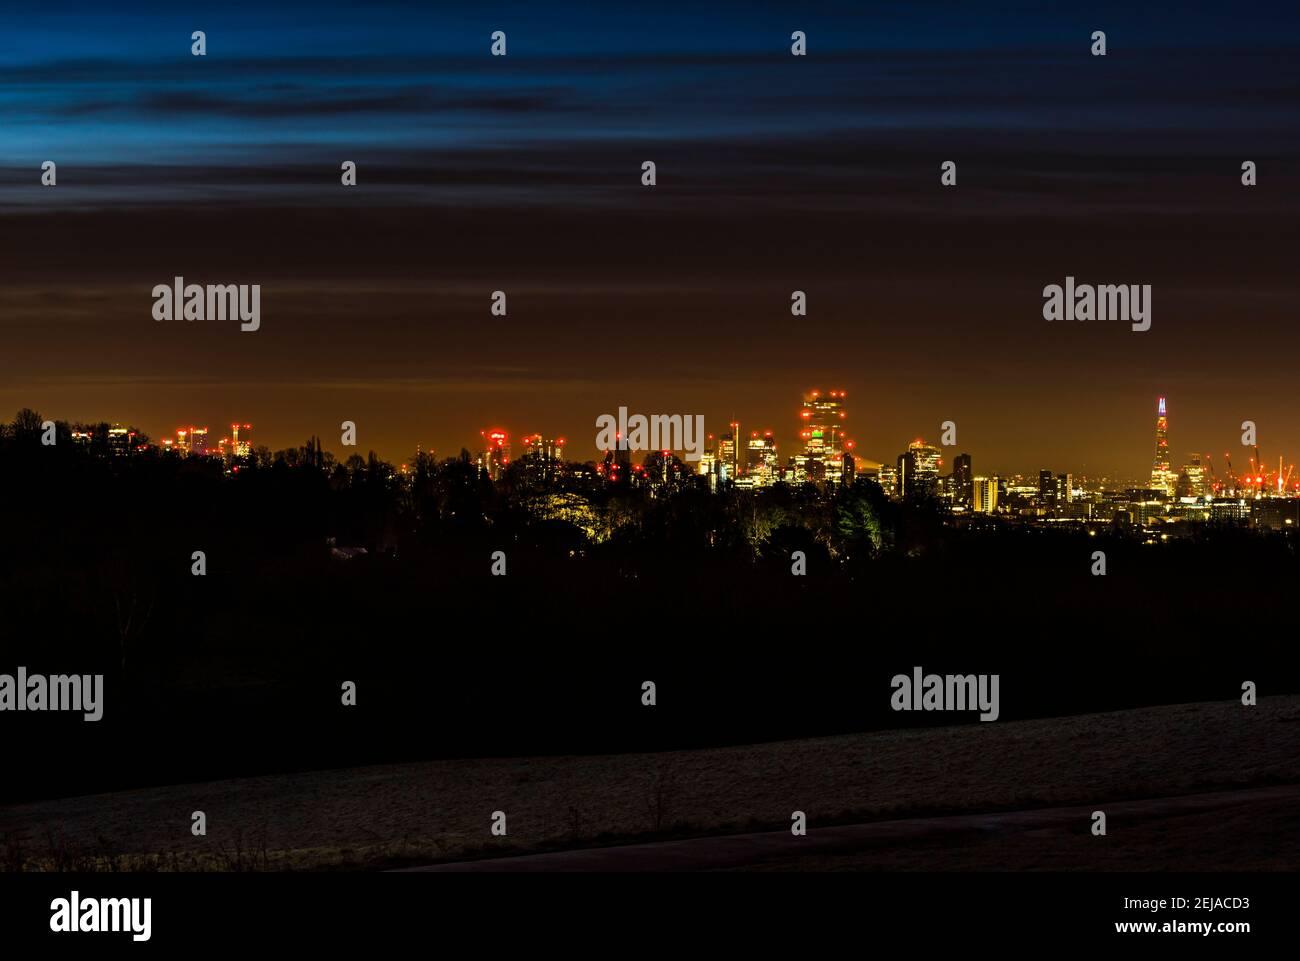 Vista panorámica del horizonte de Londres desde Canary Wharf hasta el Shard, tomada antes del amanecer desde Hampstead Heath, Londres, Reino Unido Foto de stock